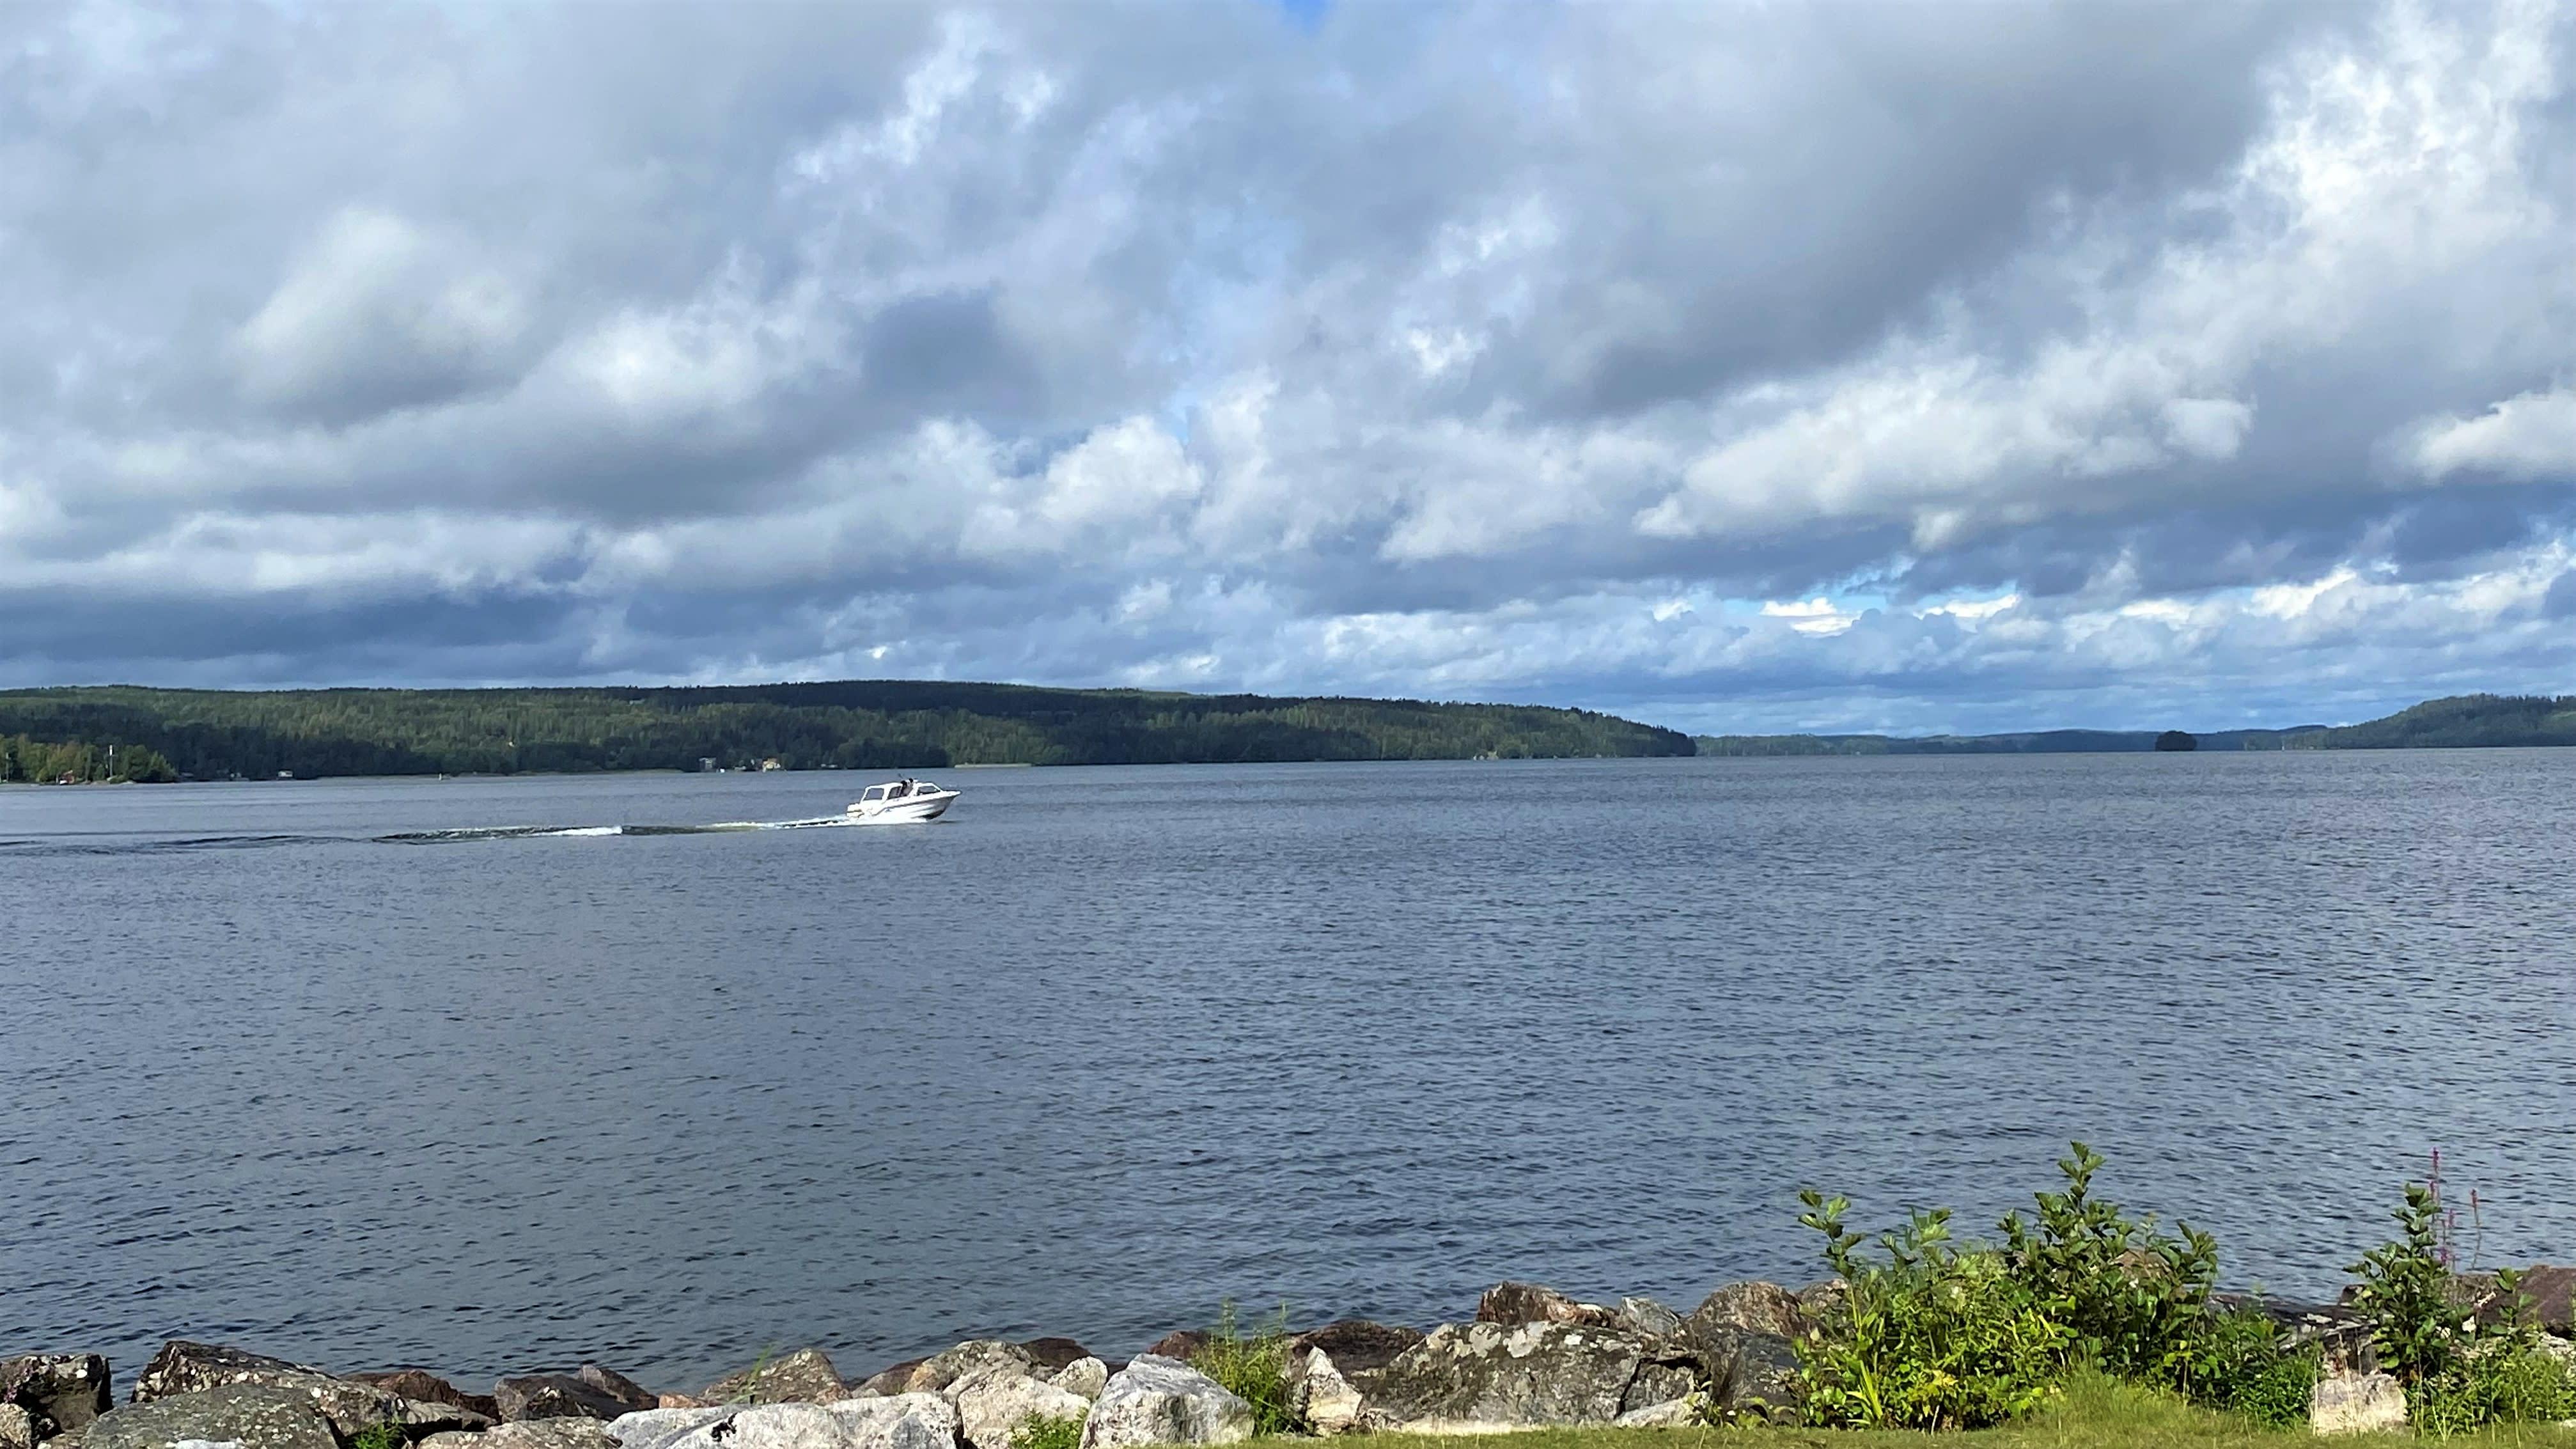 Järvi, aurinko paistaa, vene ajaa järvellä